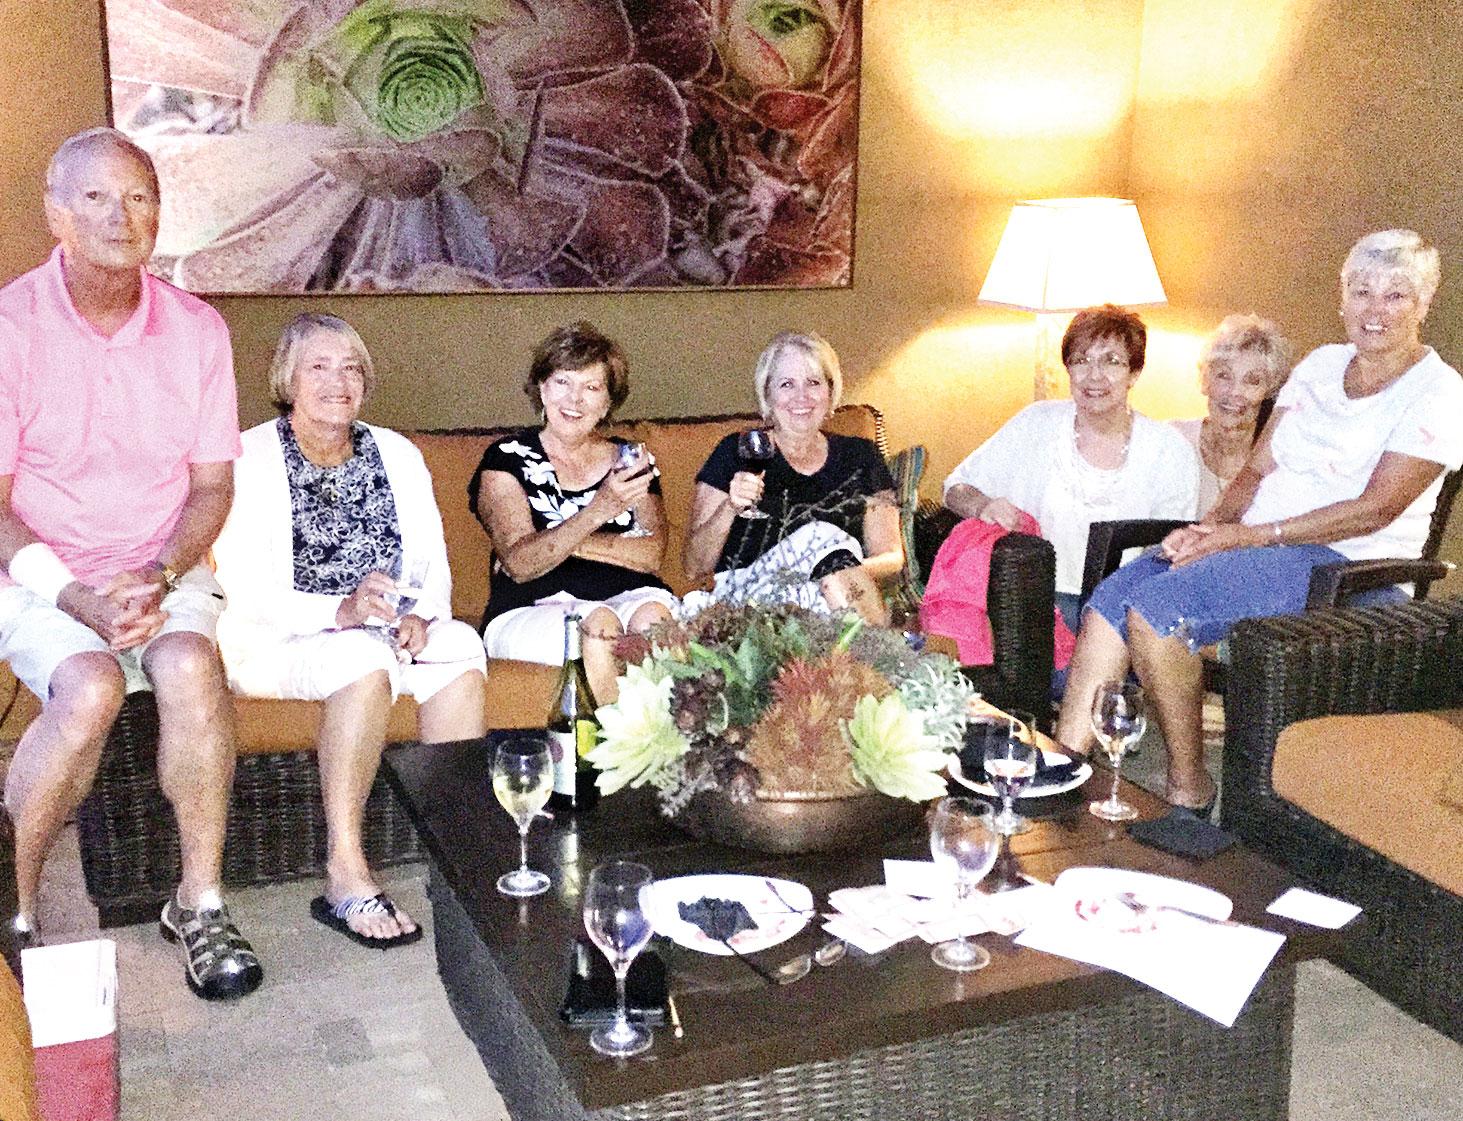 Members of Reading Between the Wines: Scott Kincaid, Julie Kostroski, Joanne Heiman, Debby Harris, Betsy Piatt, Mary Lynn Morin amd Claudia Horak. Missing: Debbie Olguin, Barbara Sewell and Linda Gayer